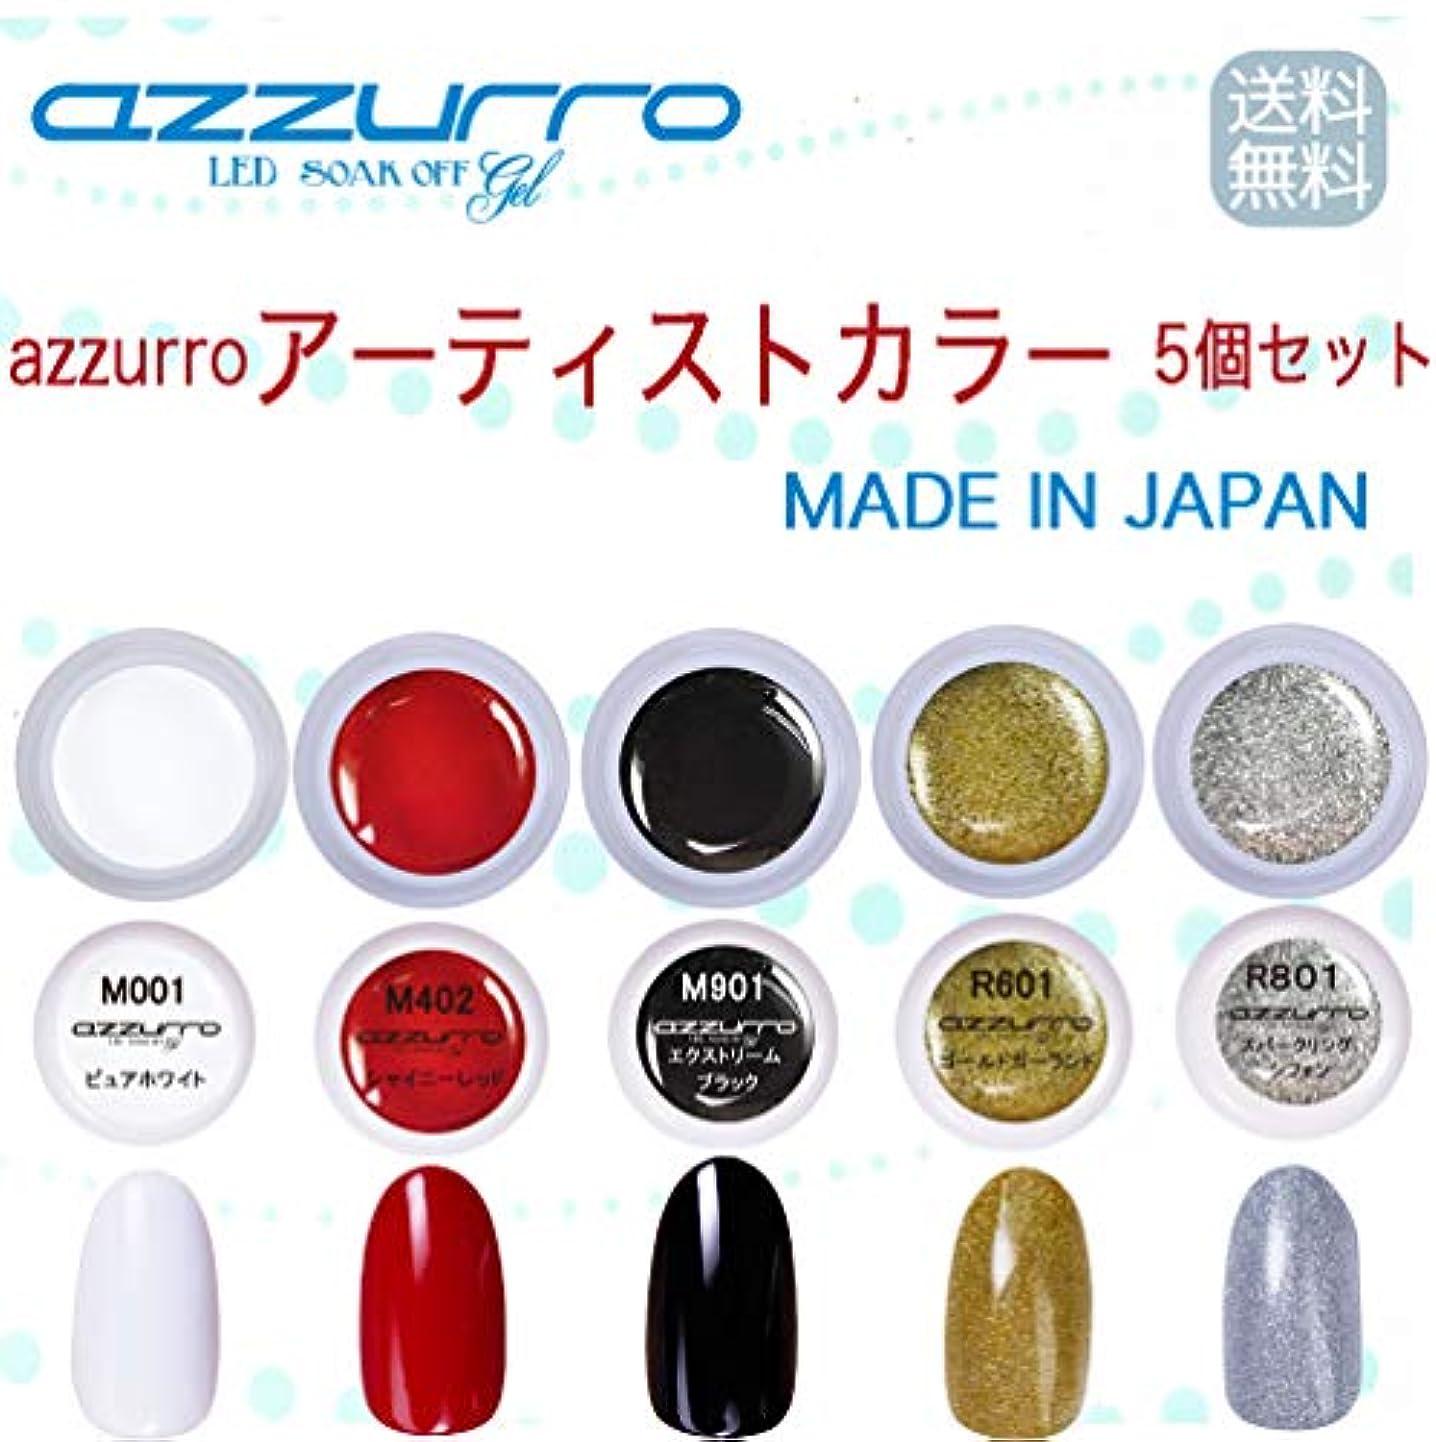 男らしいファン手を差し伸べる【送料無料】日本製 azzurro gel アーティストカラージェル5個セット トレンドのラインアートにもピッタリなカラー